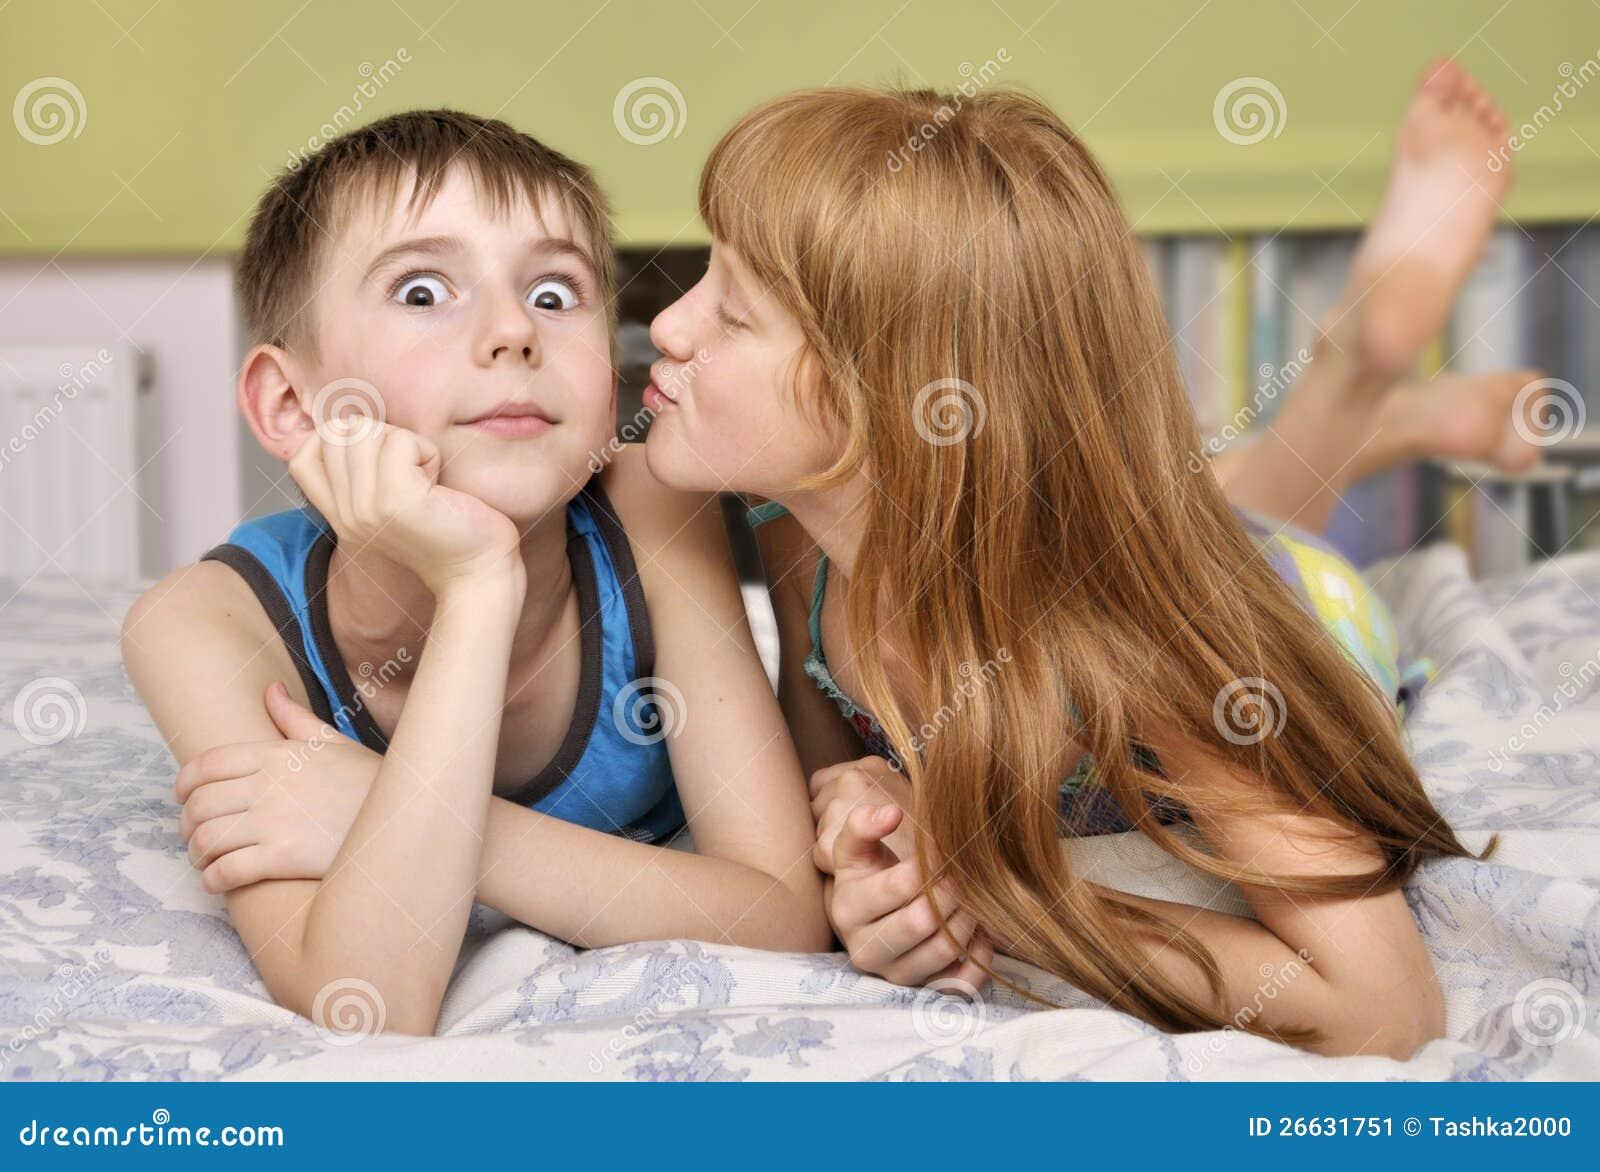 Трахает маленькую подругу, Большой мужик трахает маленькую девушку видео 22 фотография